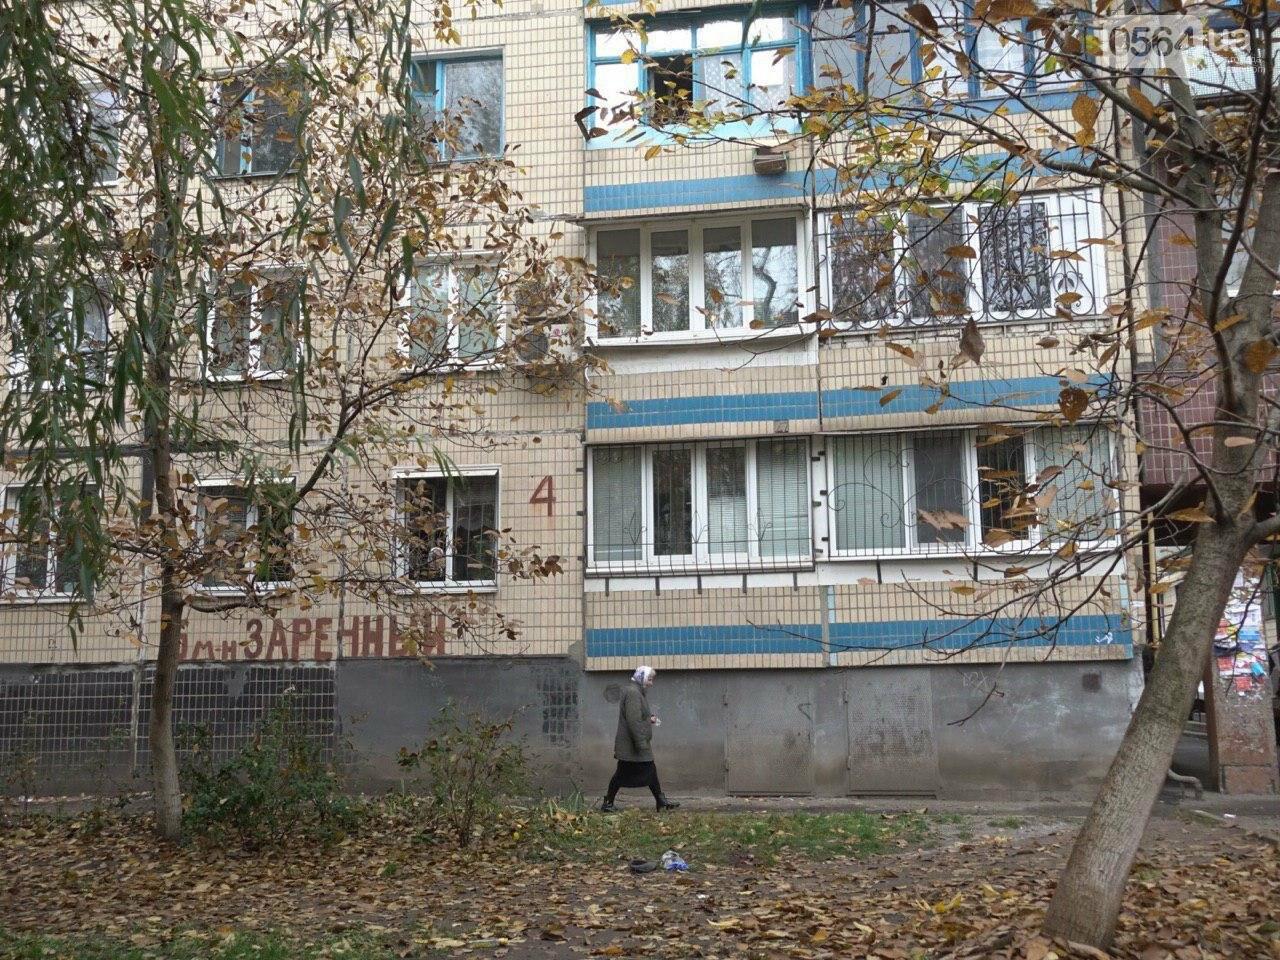 В Кривом Роге из окна 9 этажа выпал мужчина, - ФОТО 18+, фото-8